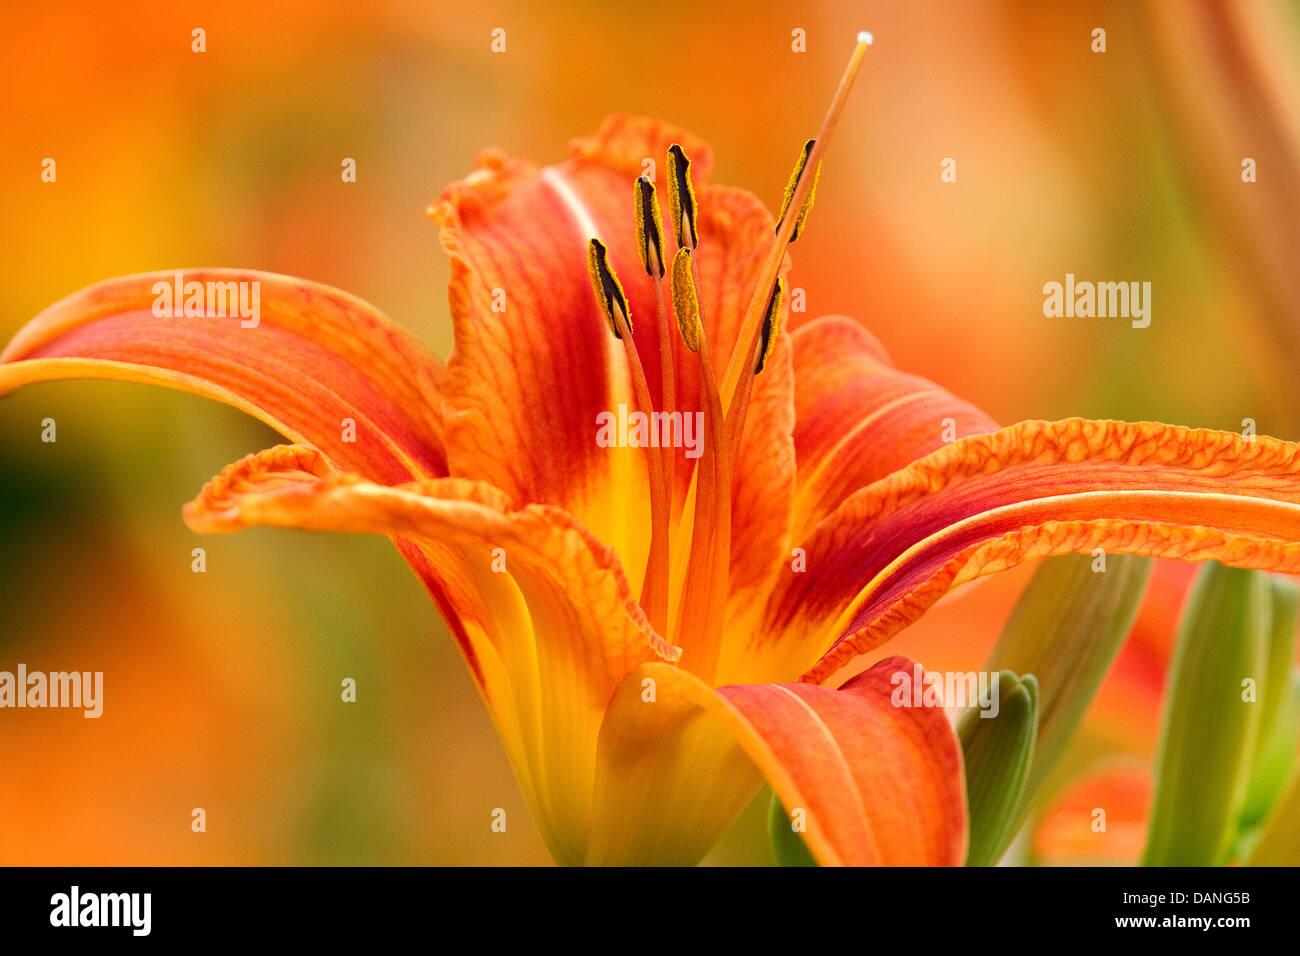 Blume Nahaufnahme, Daylily, mit Blumen im Hintergrund. Der Gattung Hemerocallis. Stockbild